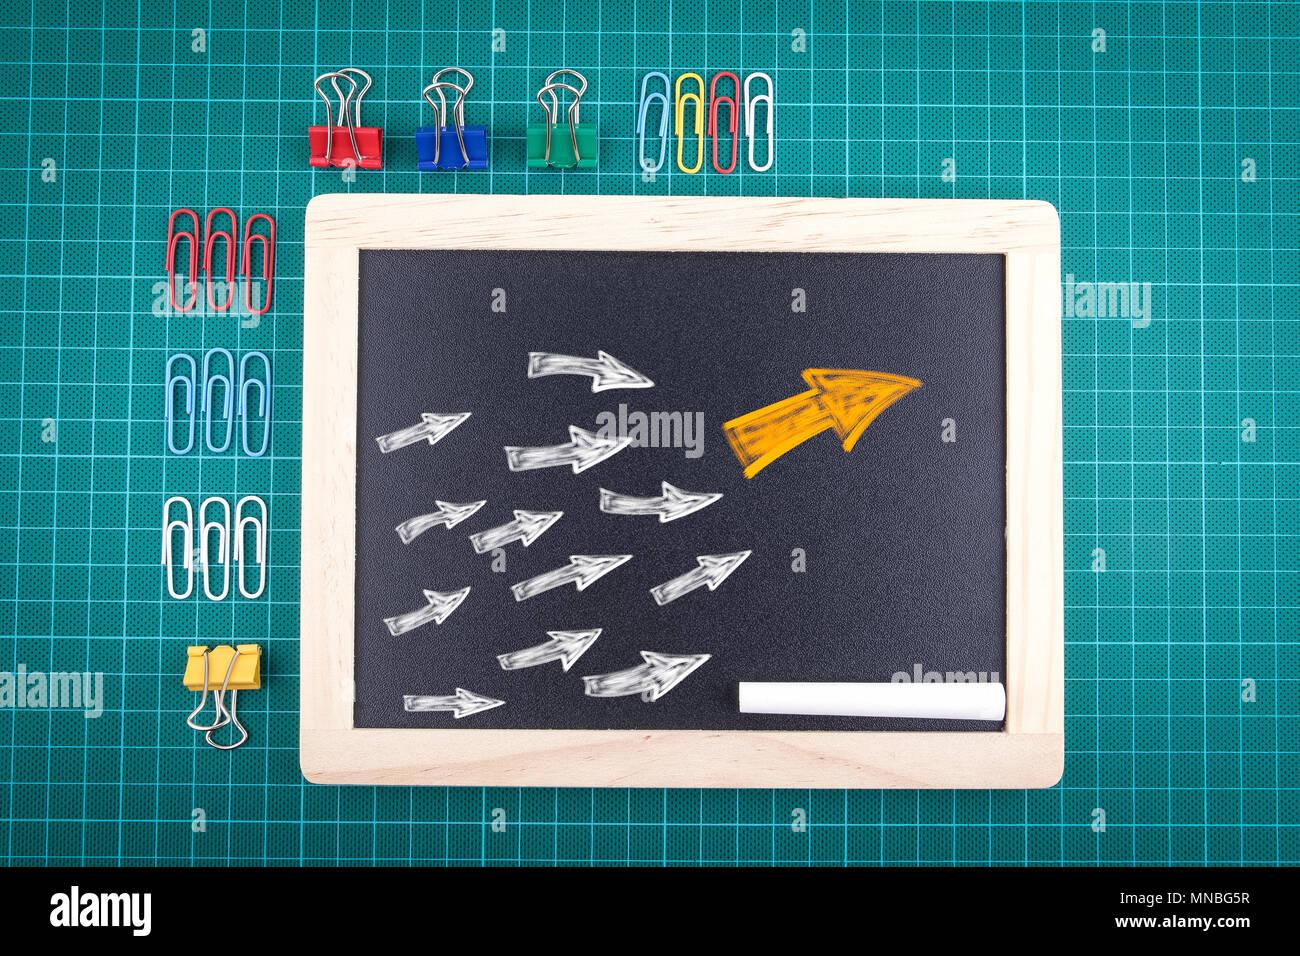 Freccia con molti seguite le frecce per trend leader o il concetto di leadership Immagini Stock